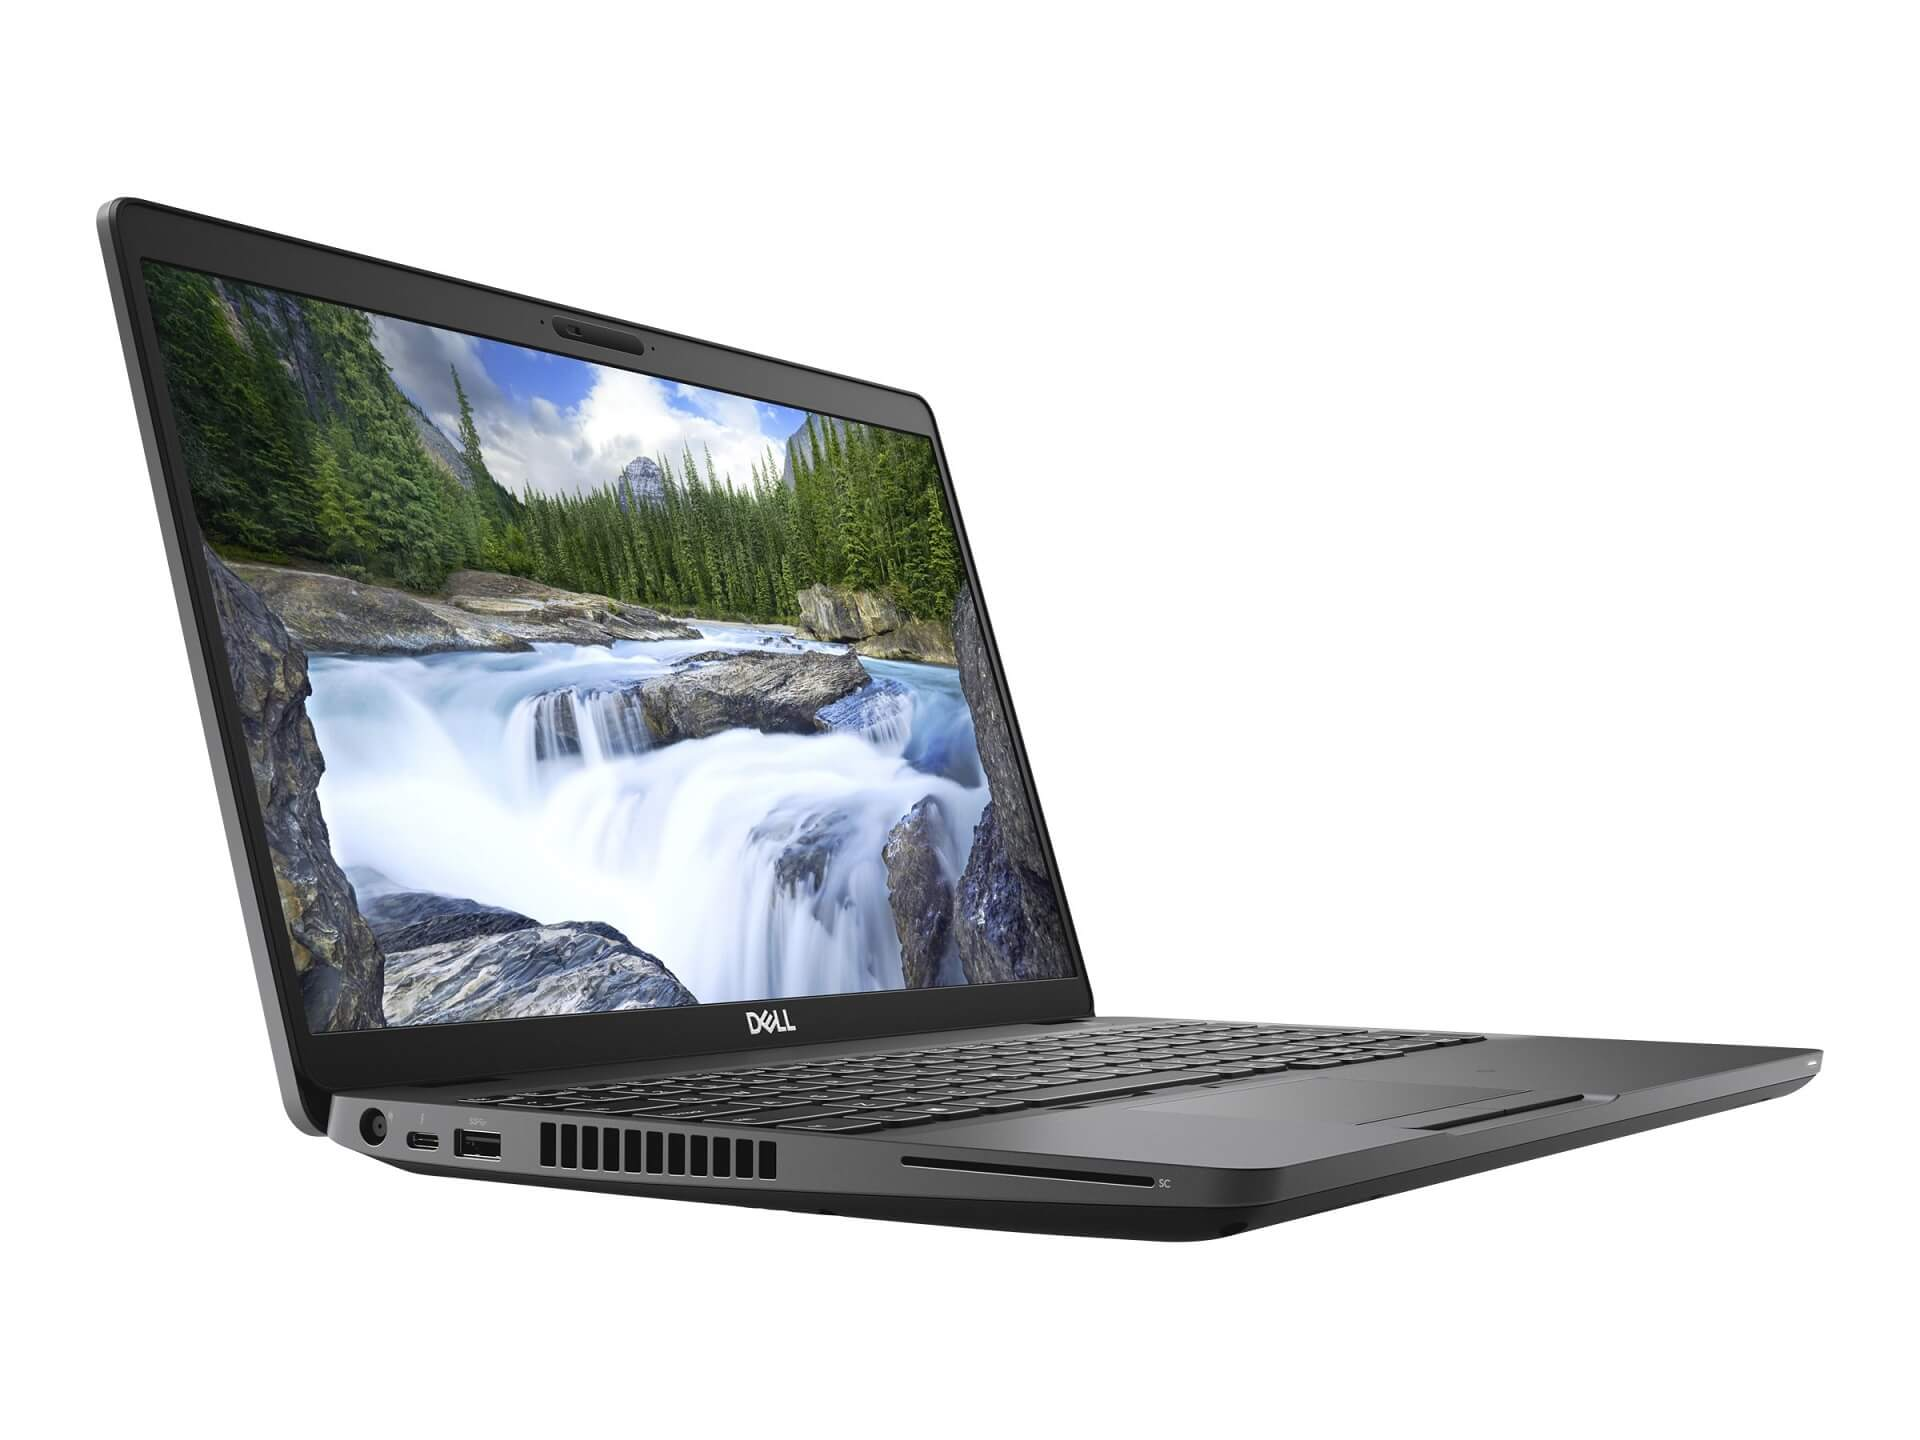 Dell Latitude 5501 Core i7 9750 16GB SSD 256GB 15.6 inch FHD NVIDIA GeForce MX250 Windows 10 Pro